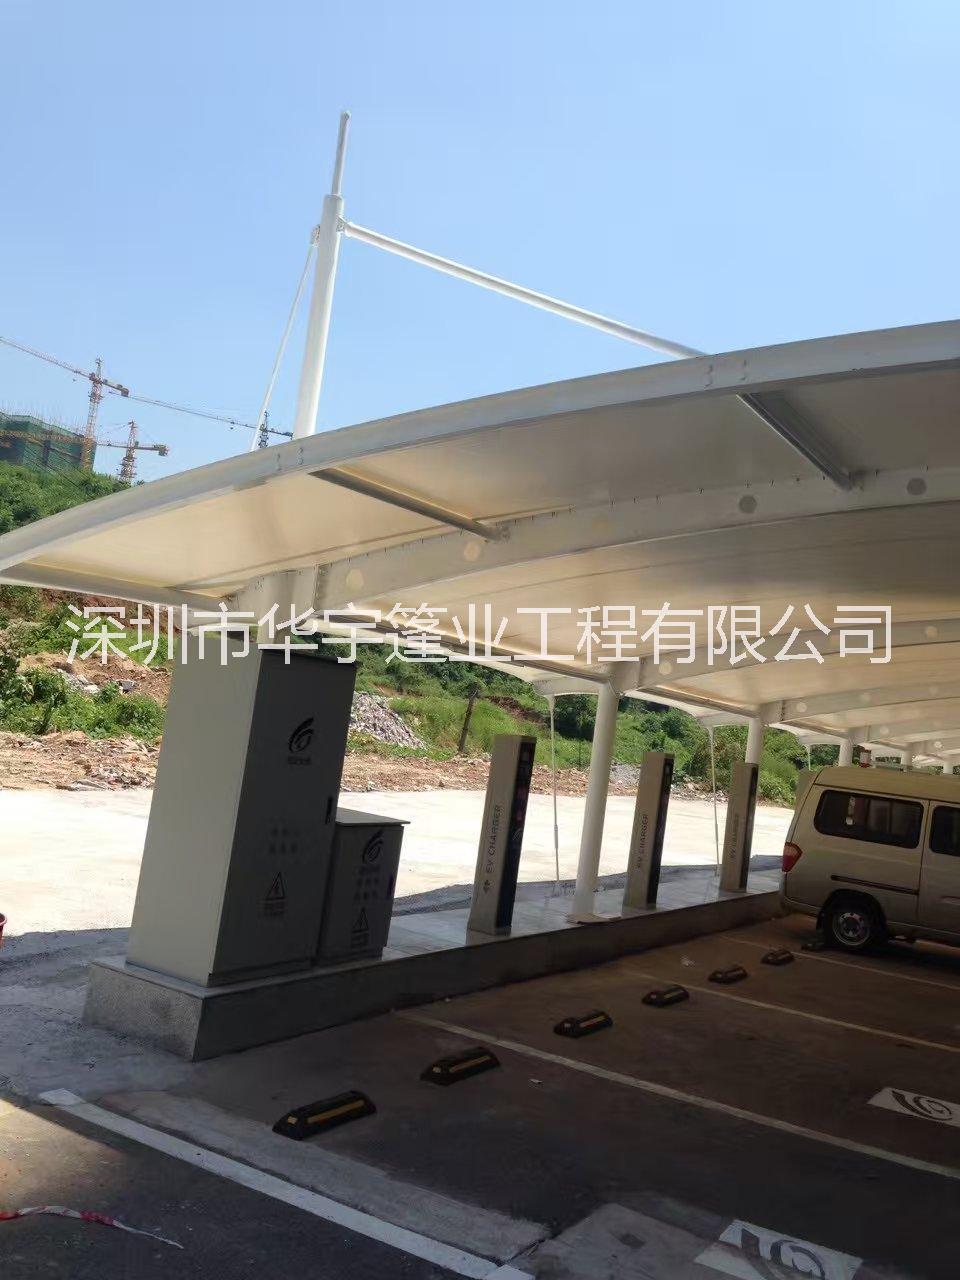 小区工厂收费岗亭膜结构遮阳挡雨棚小区物业停车棚 充电膜结构停车棚